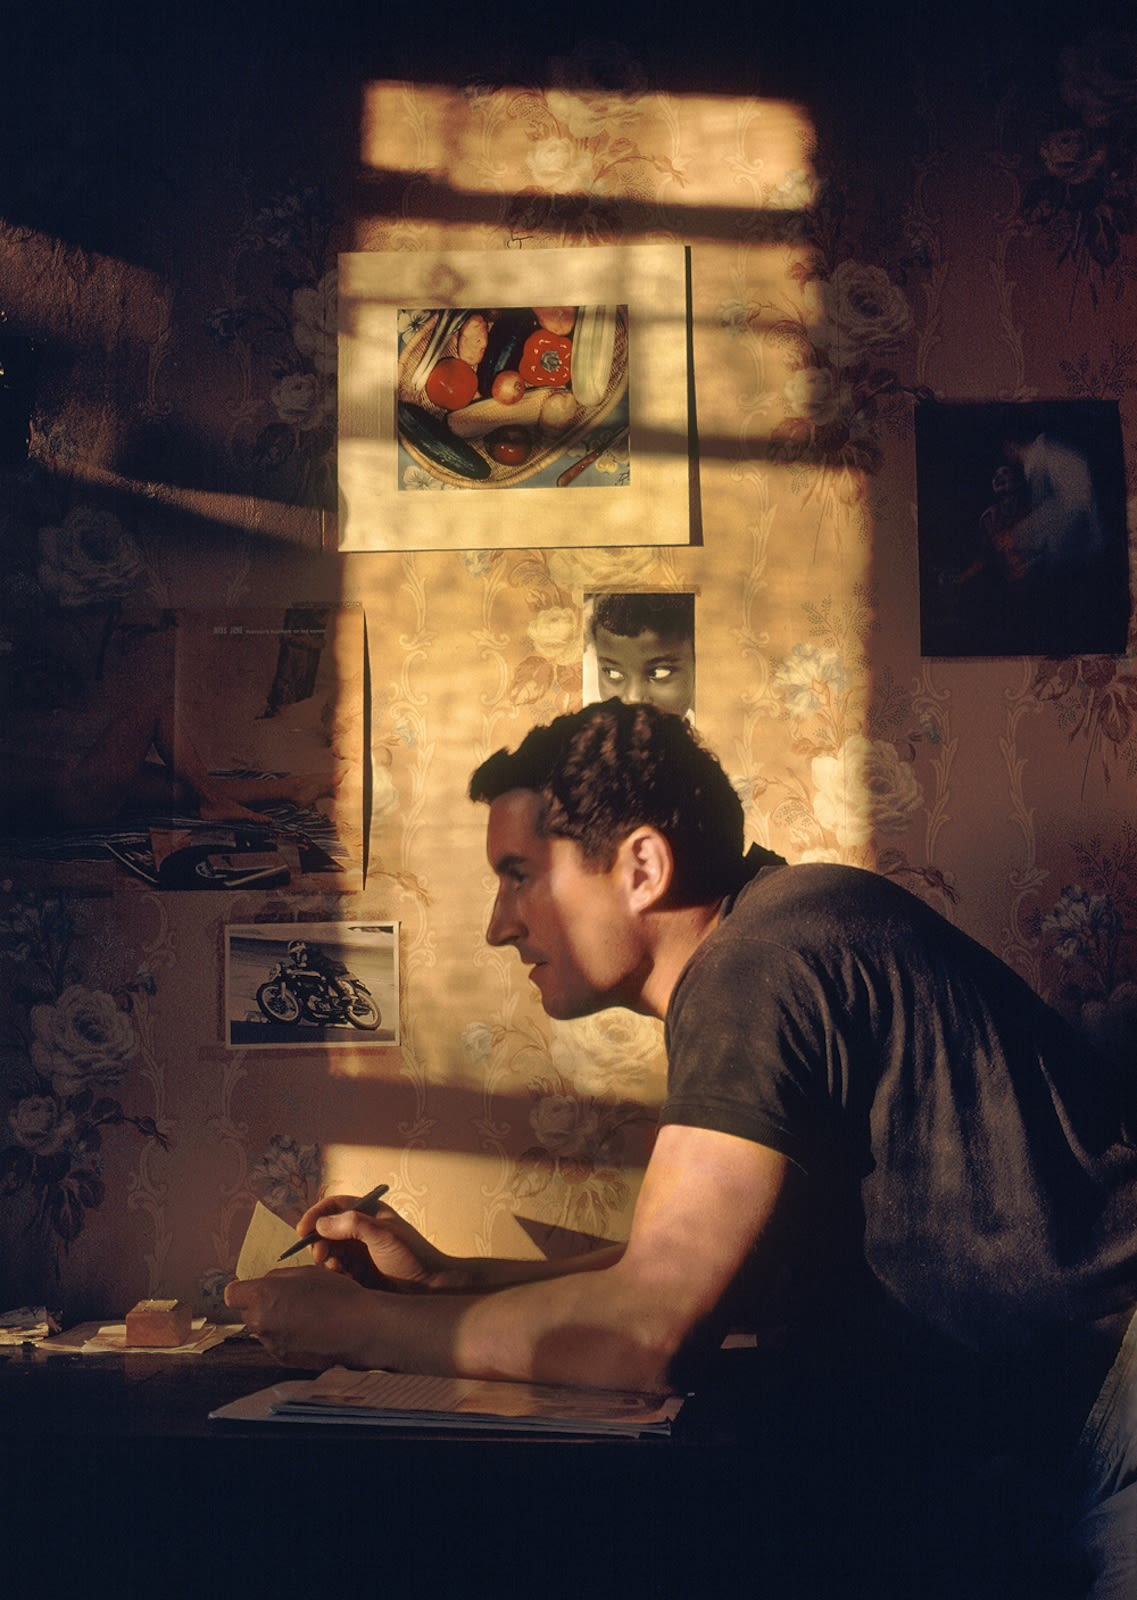 Fred Herzog Self-portrait Tirage pigmentaire sur papier archive 46 x 30,5 cm Dim. papier: 50,5 x 35,5 cm